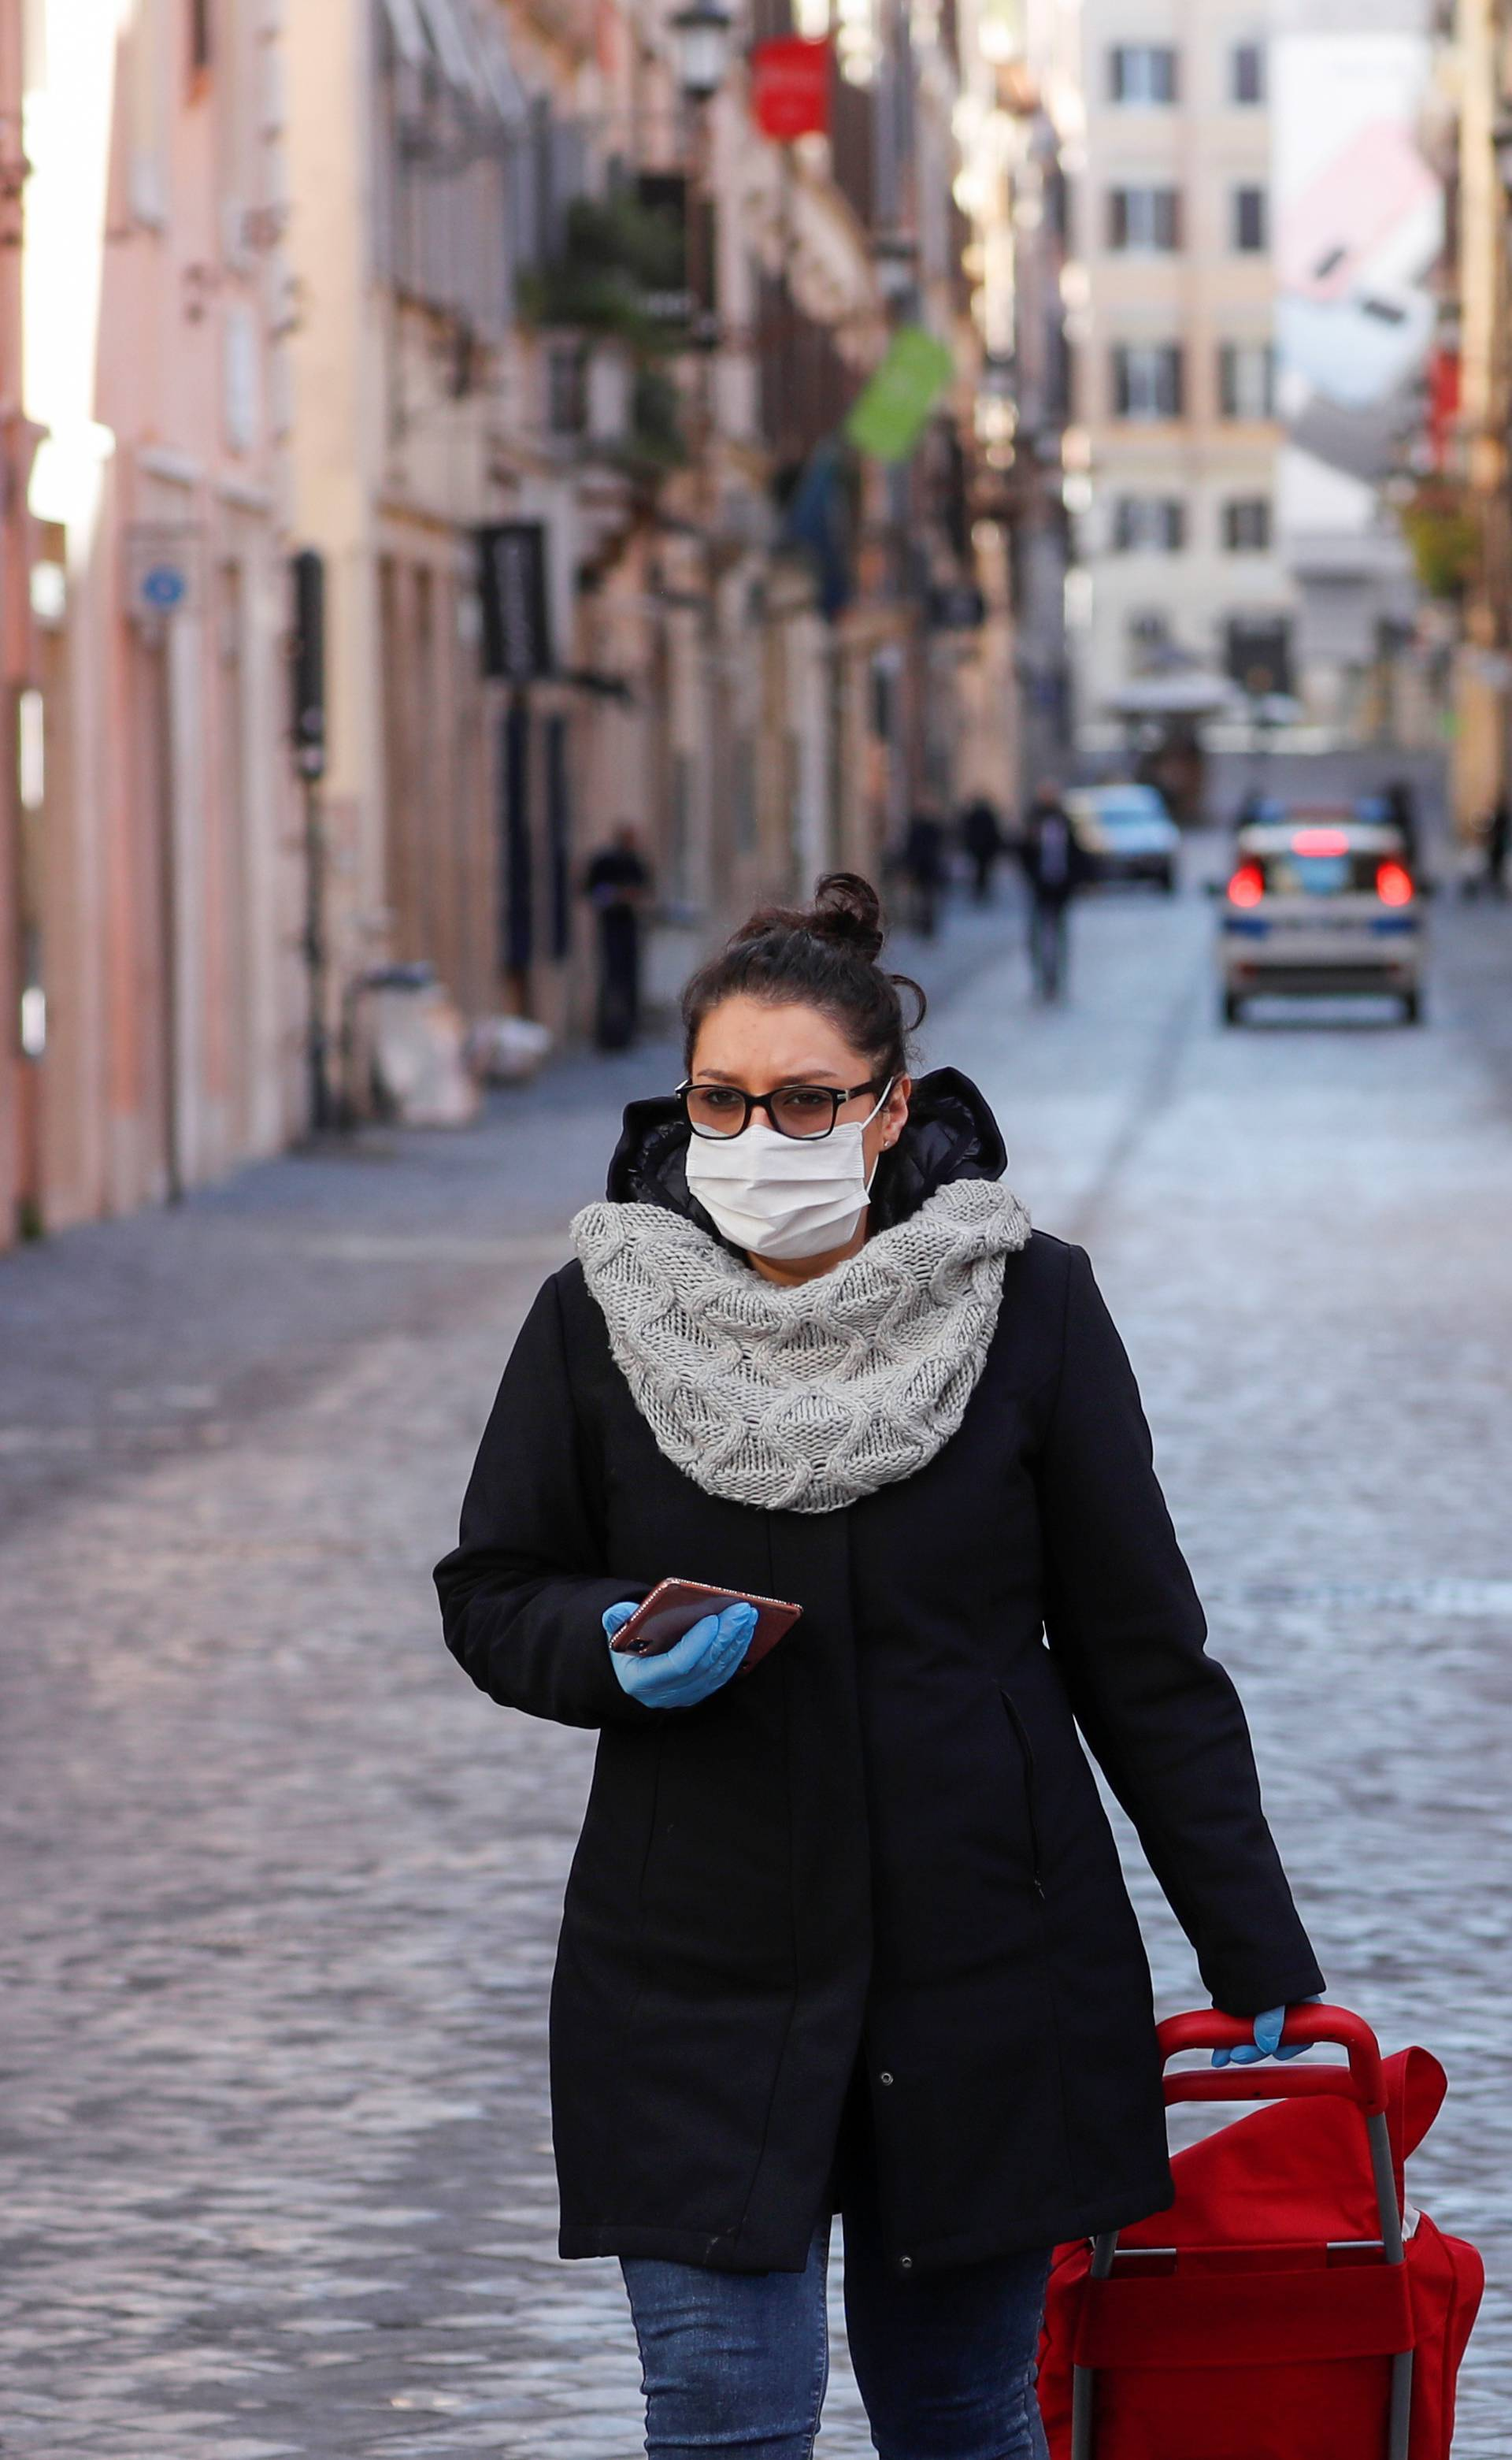 Day three of Italy's nationwide coronavirus lockdown, in Rome